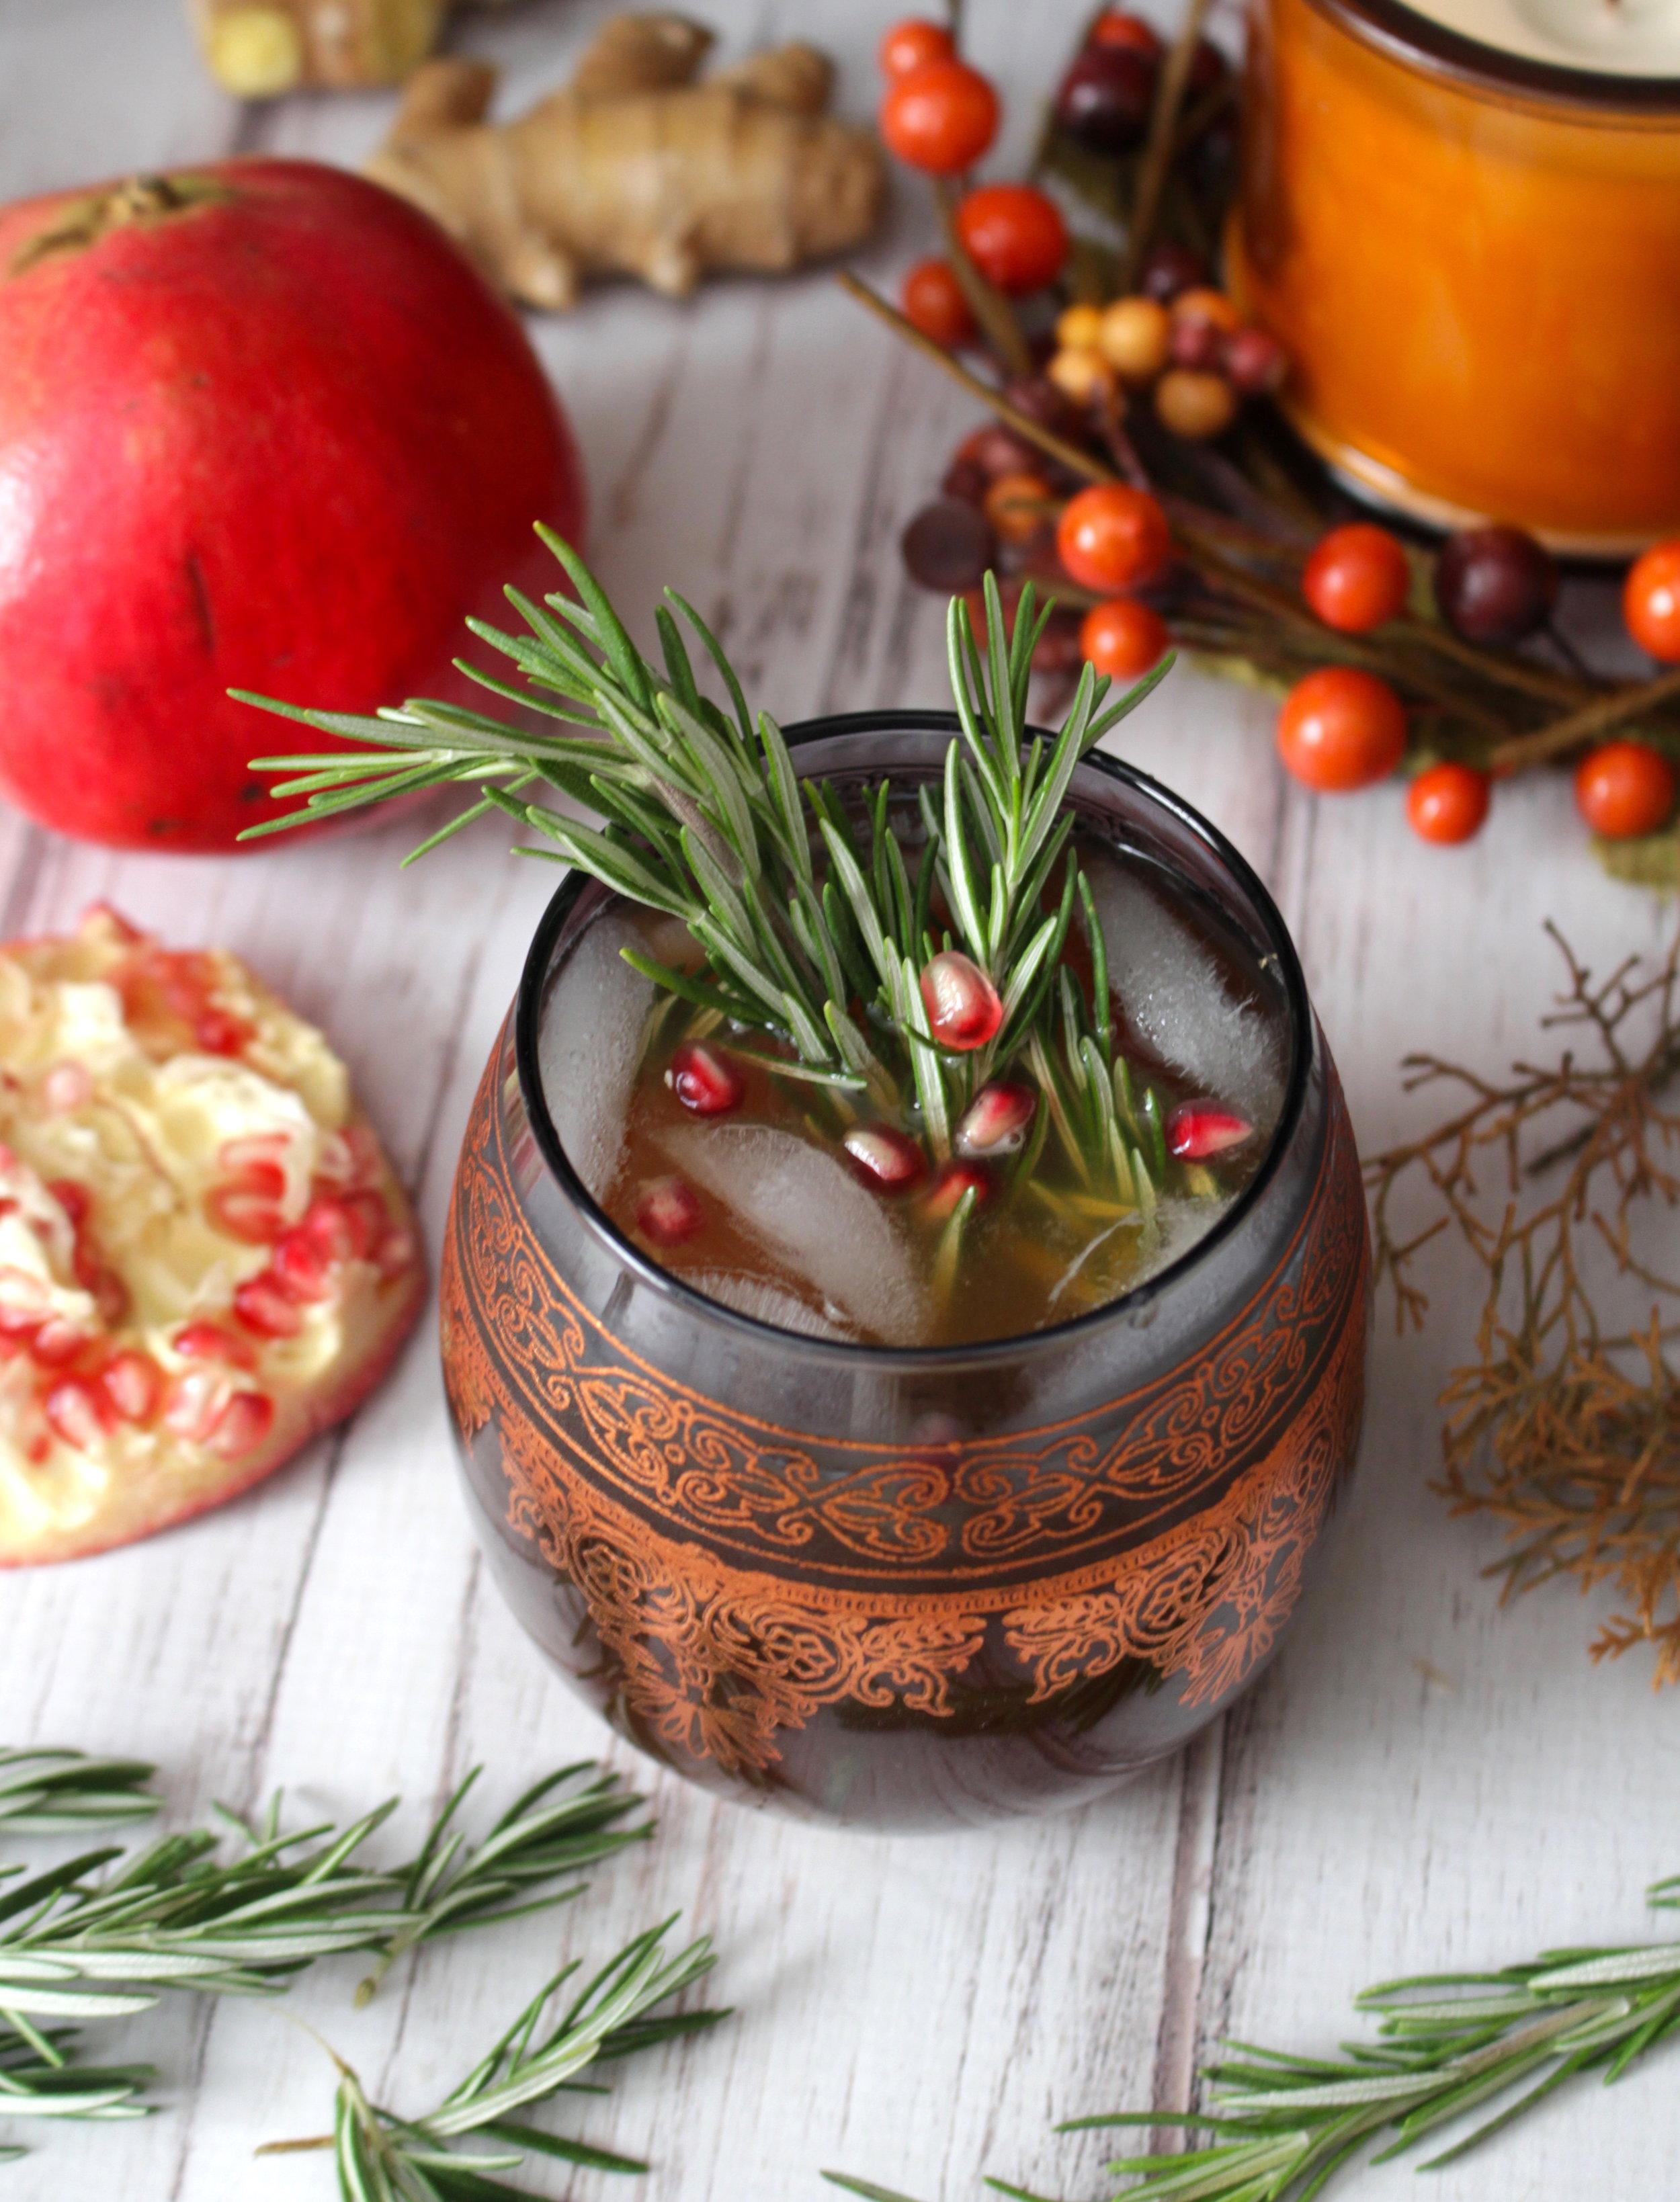 pnw-apple-ginger-cocktail.jpg